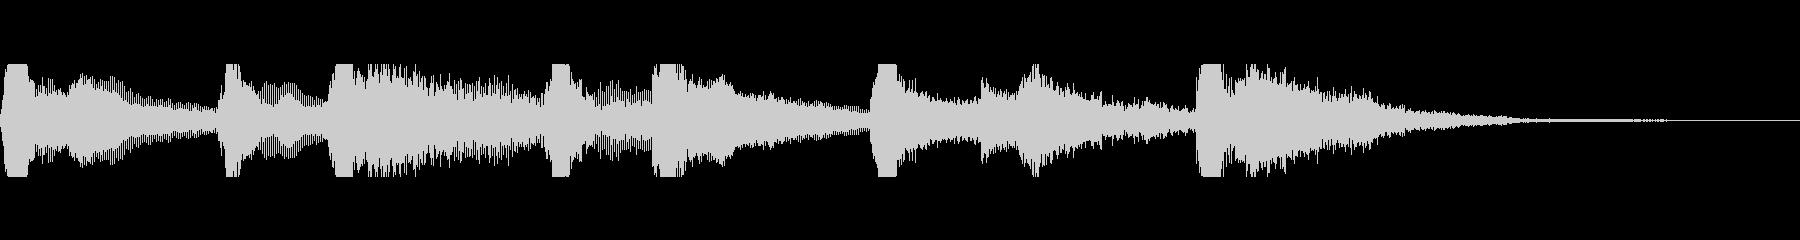 沖縄風ジングルの未再生の波形